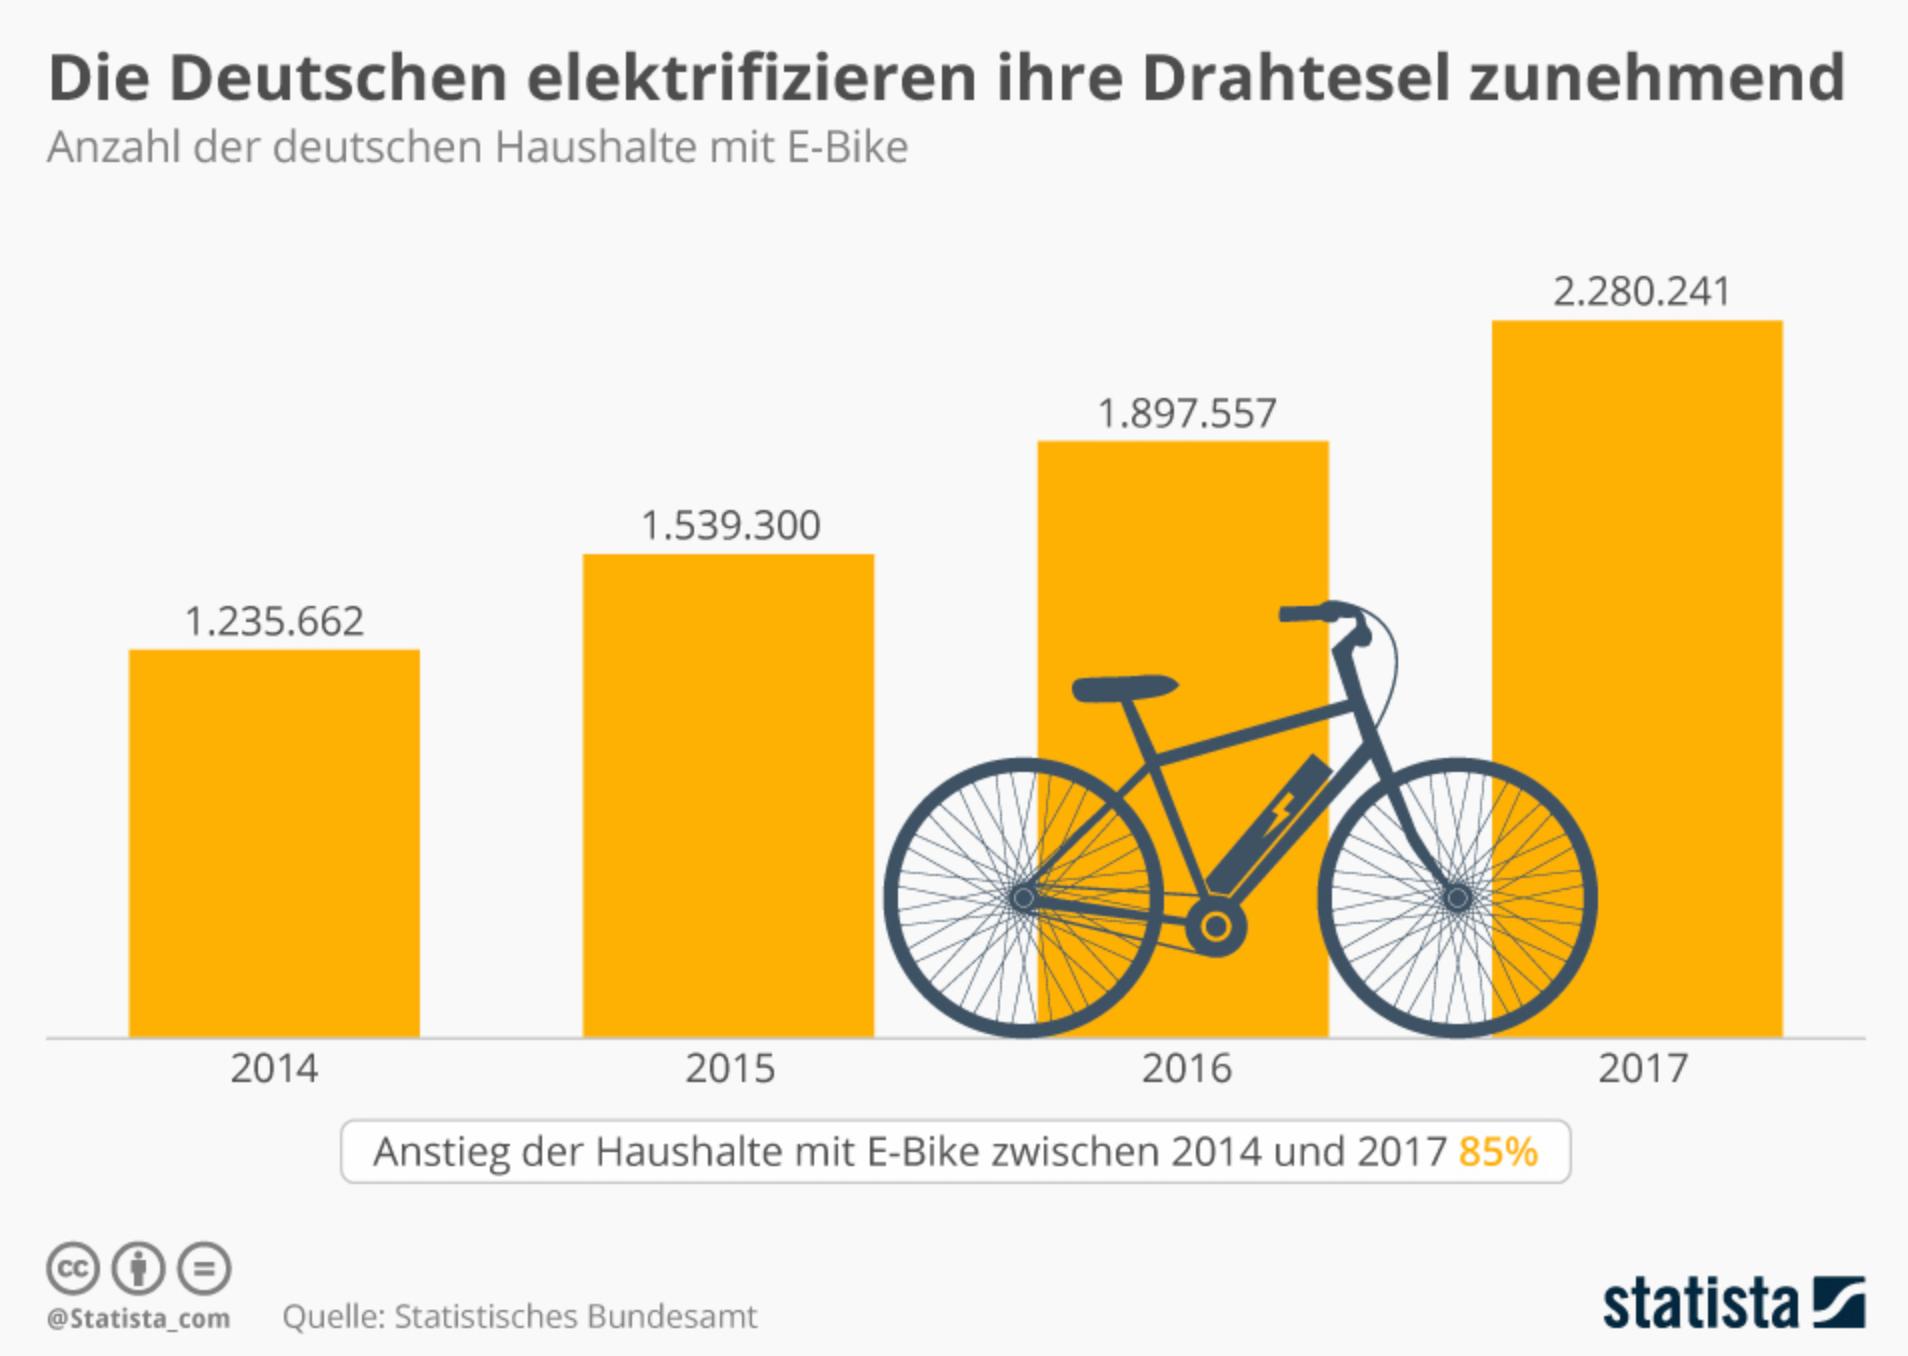 Statistik E-Bikes in Deutschland